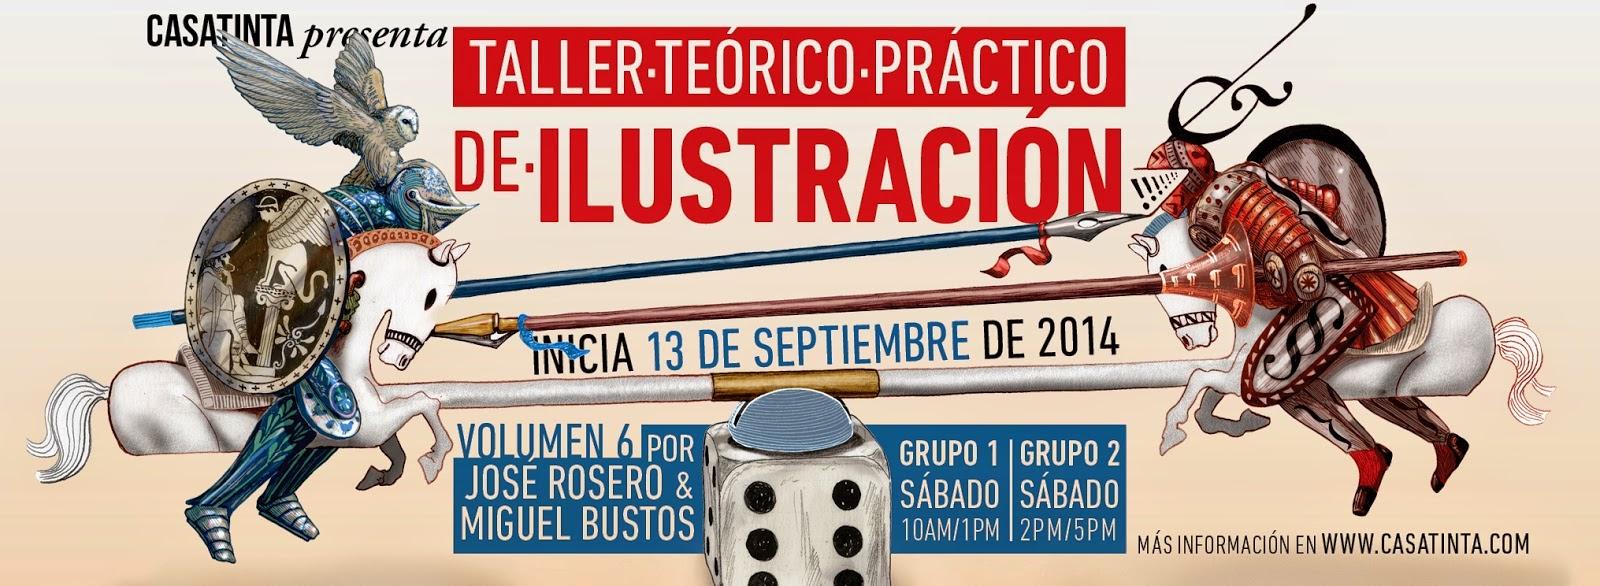 TALLER TEÓRICO PRÁCTICO DE ILUSTRACIÓN